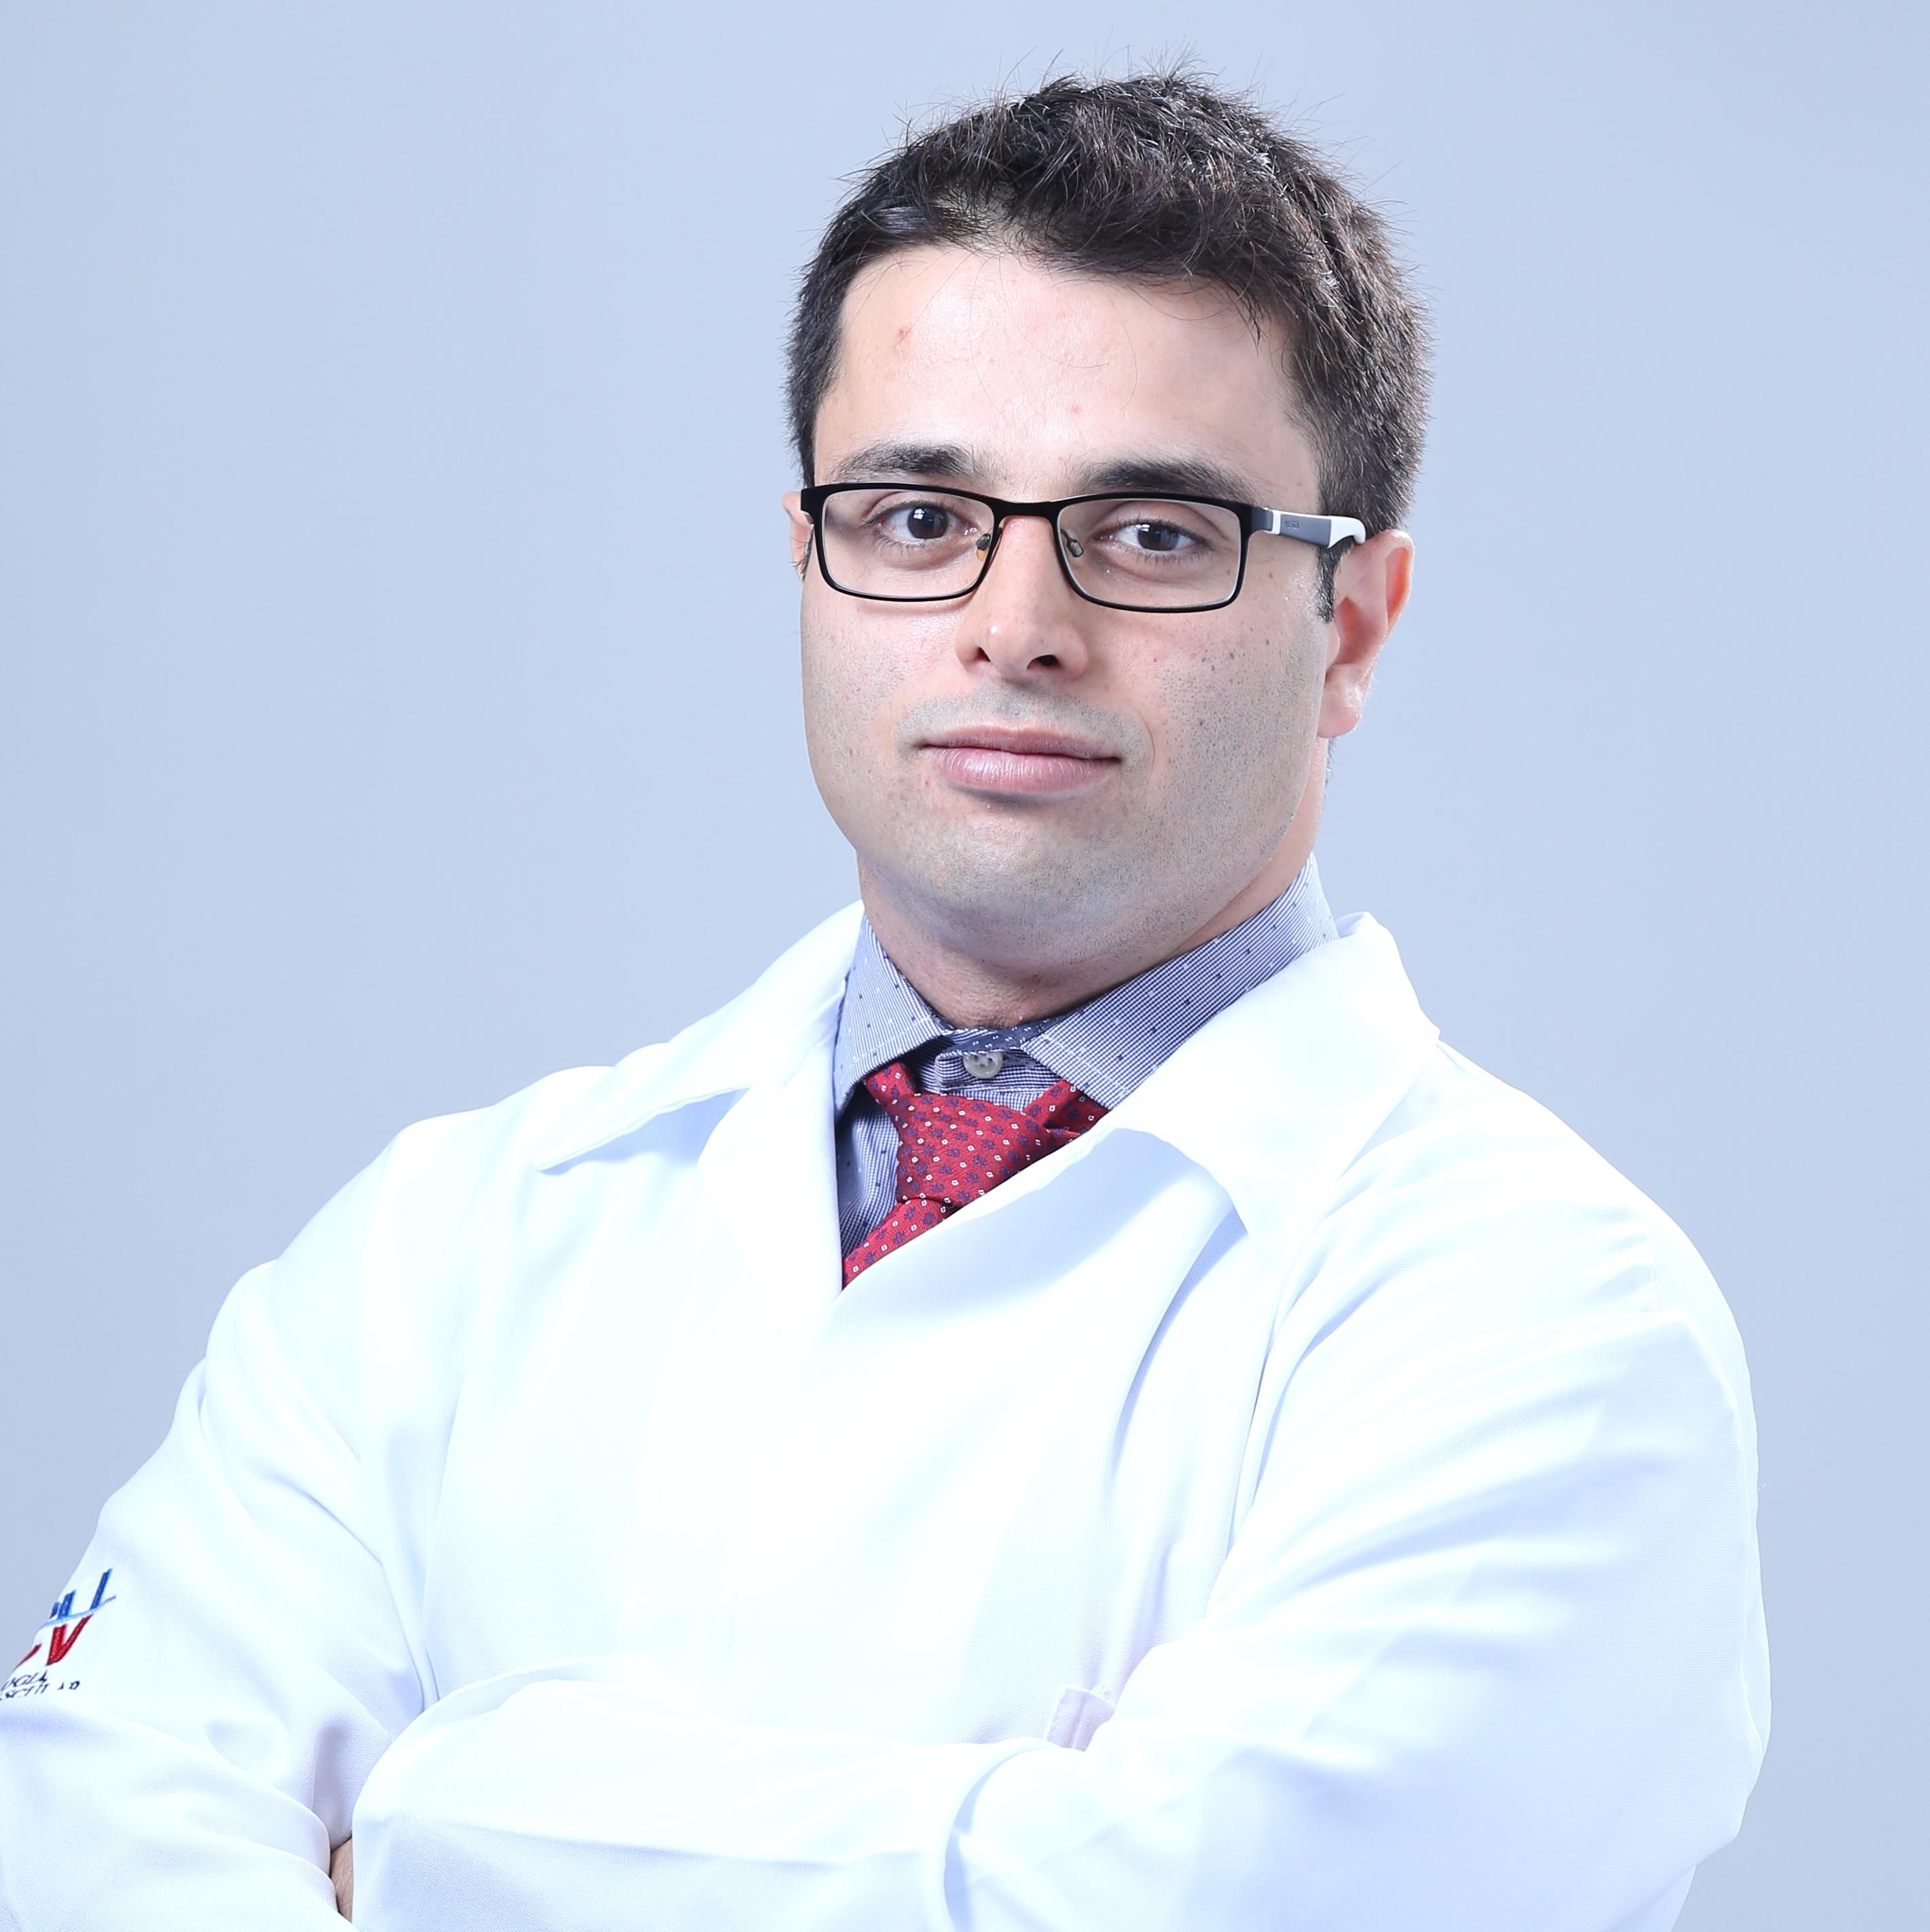 Filipe Gusmão Carvalho